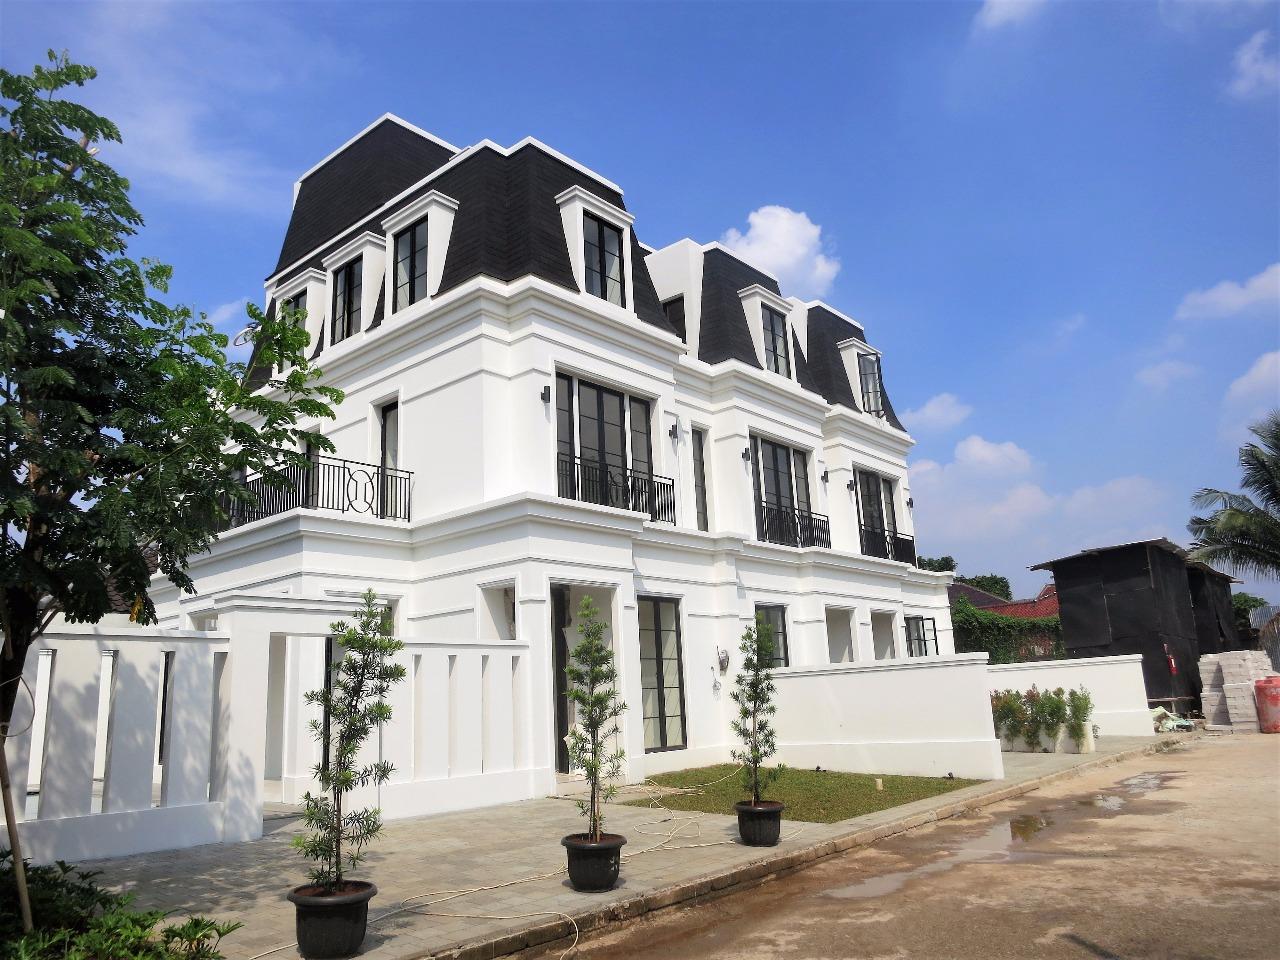 Dijual Rumah baru dalam townhouse,di kemang (on progress)